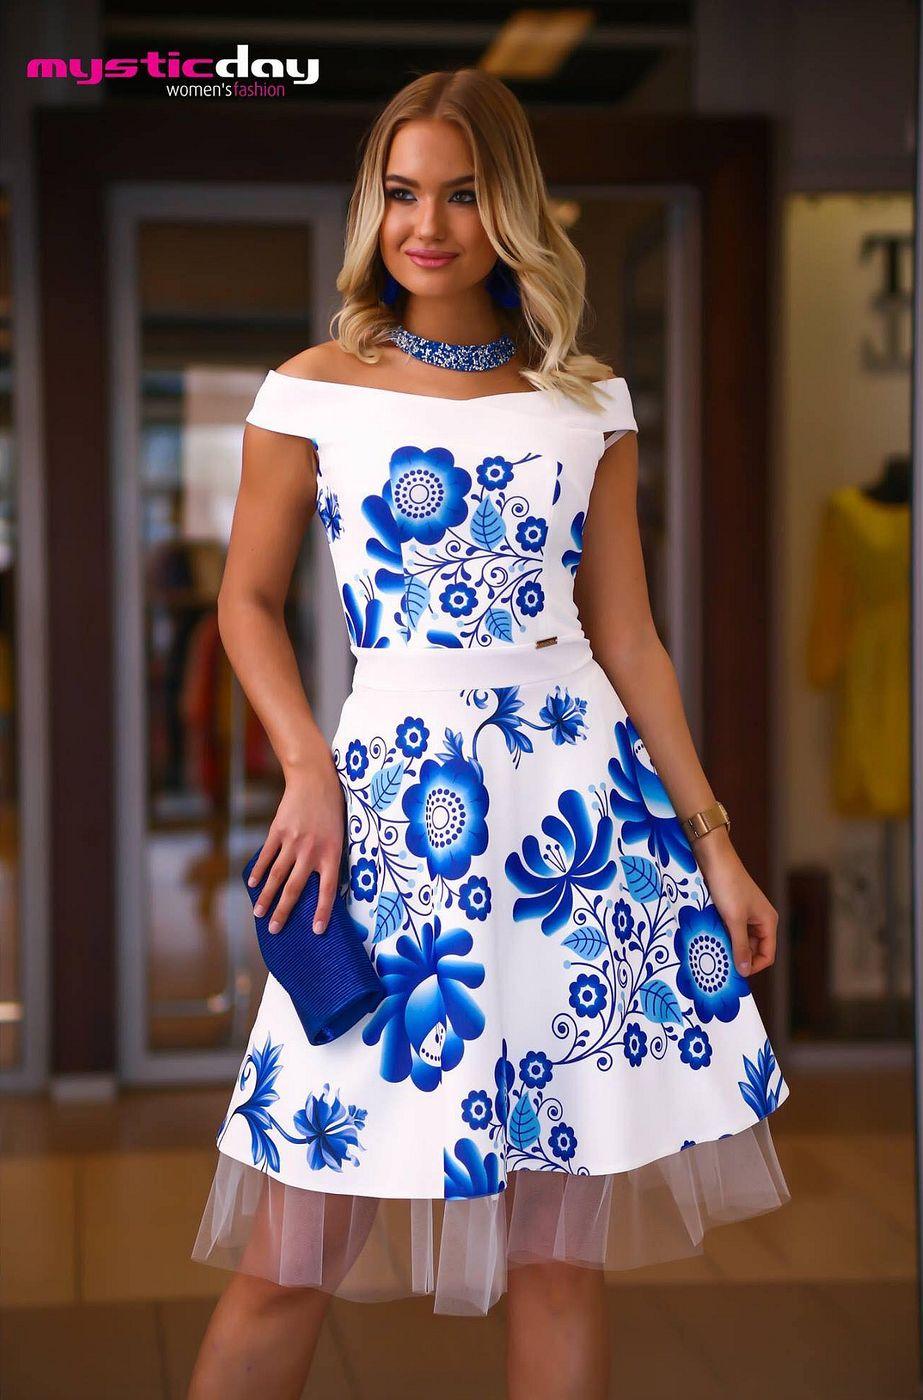 b95330bfc8 Mystic Day vállra szabott loknis kék virágmintás fehér Médi ruha